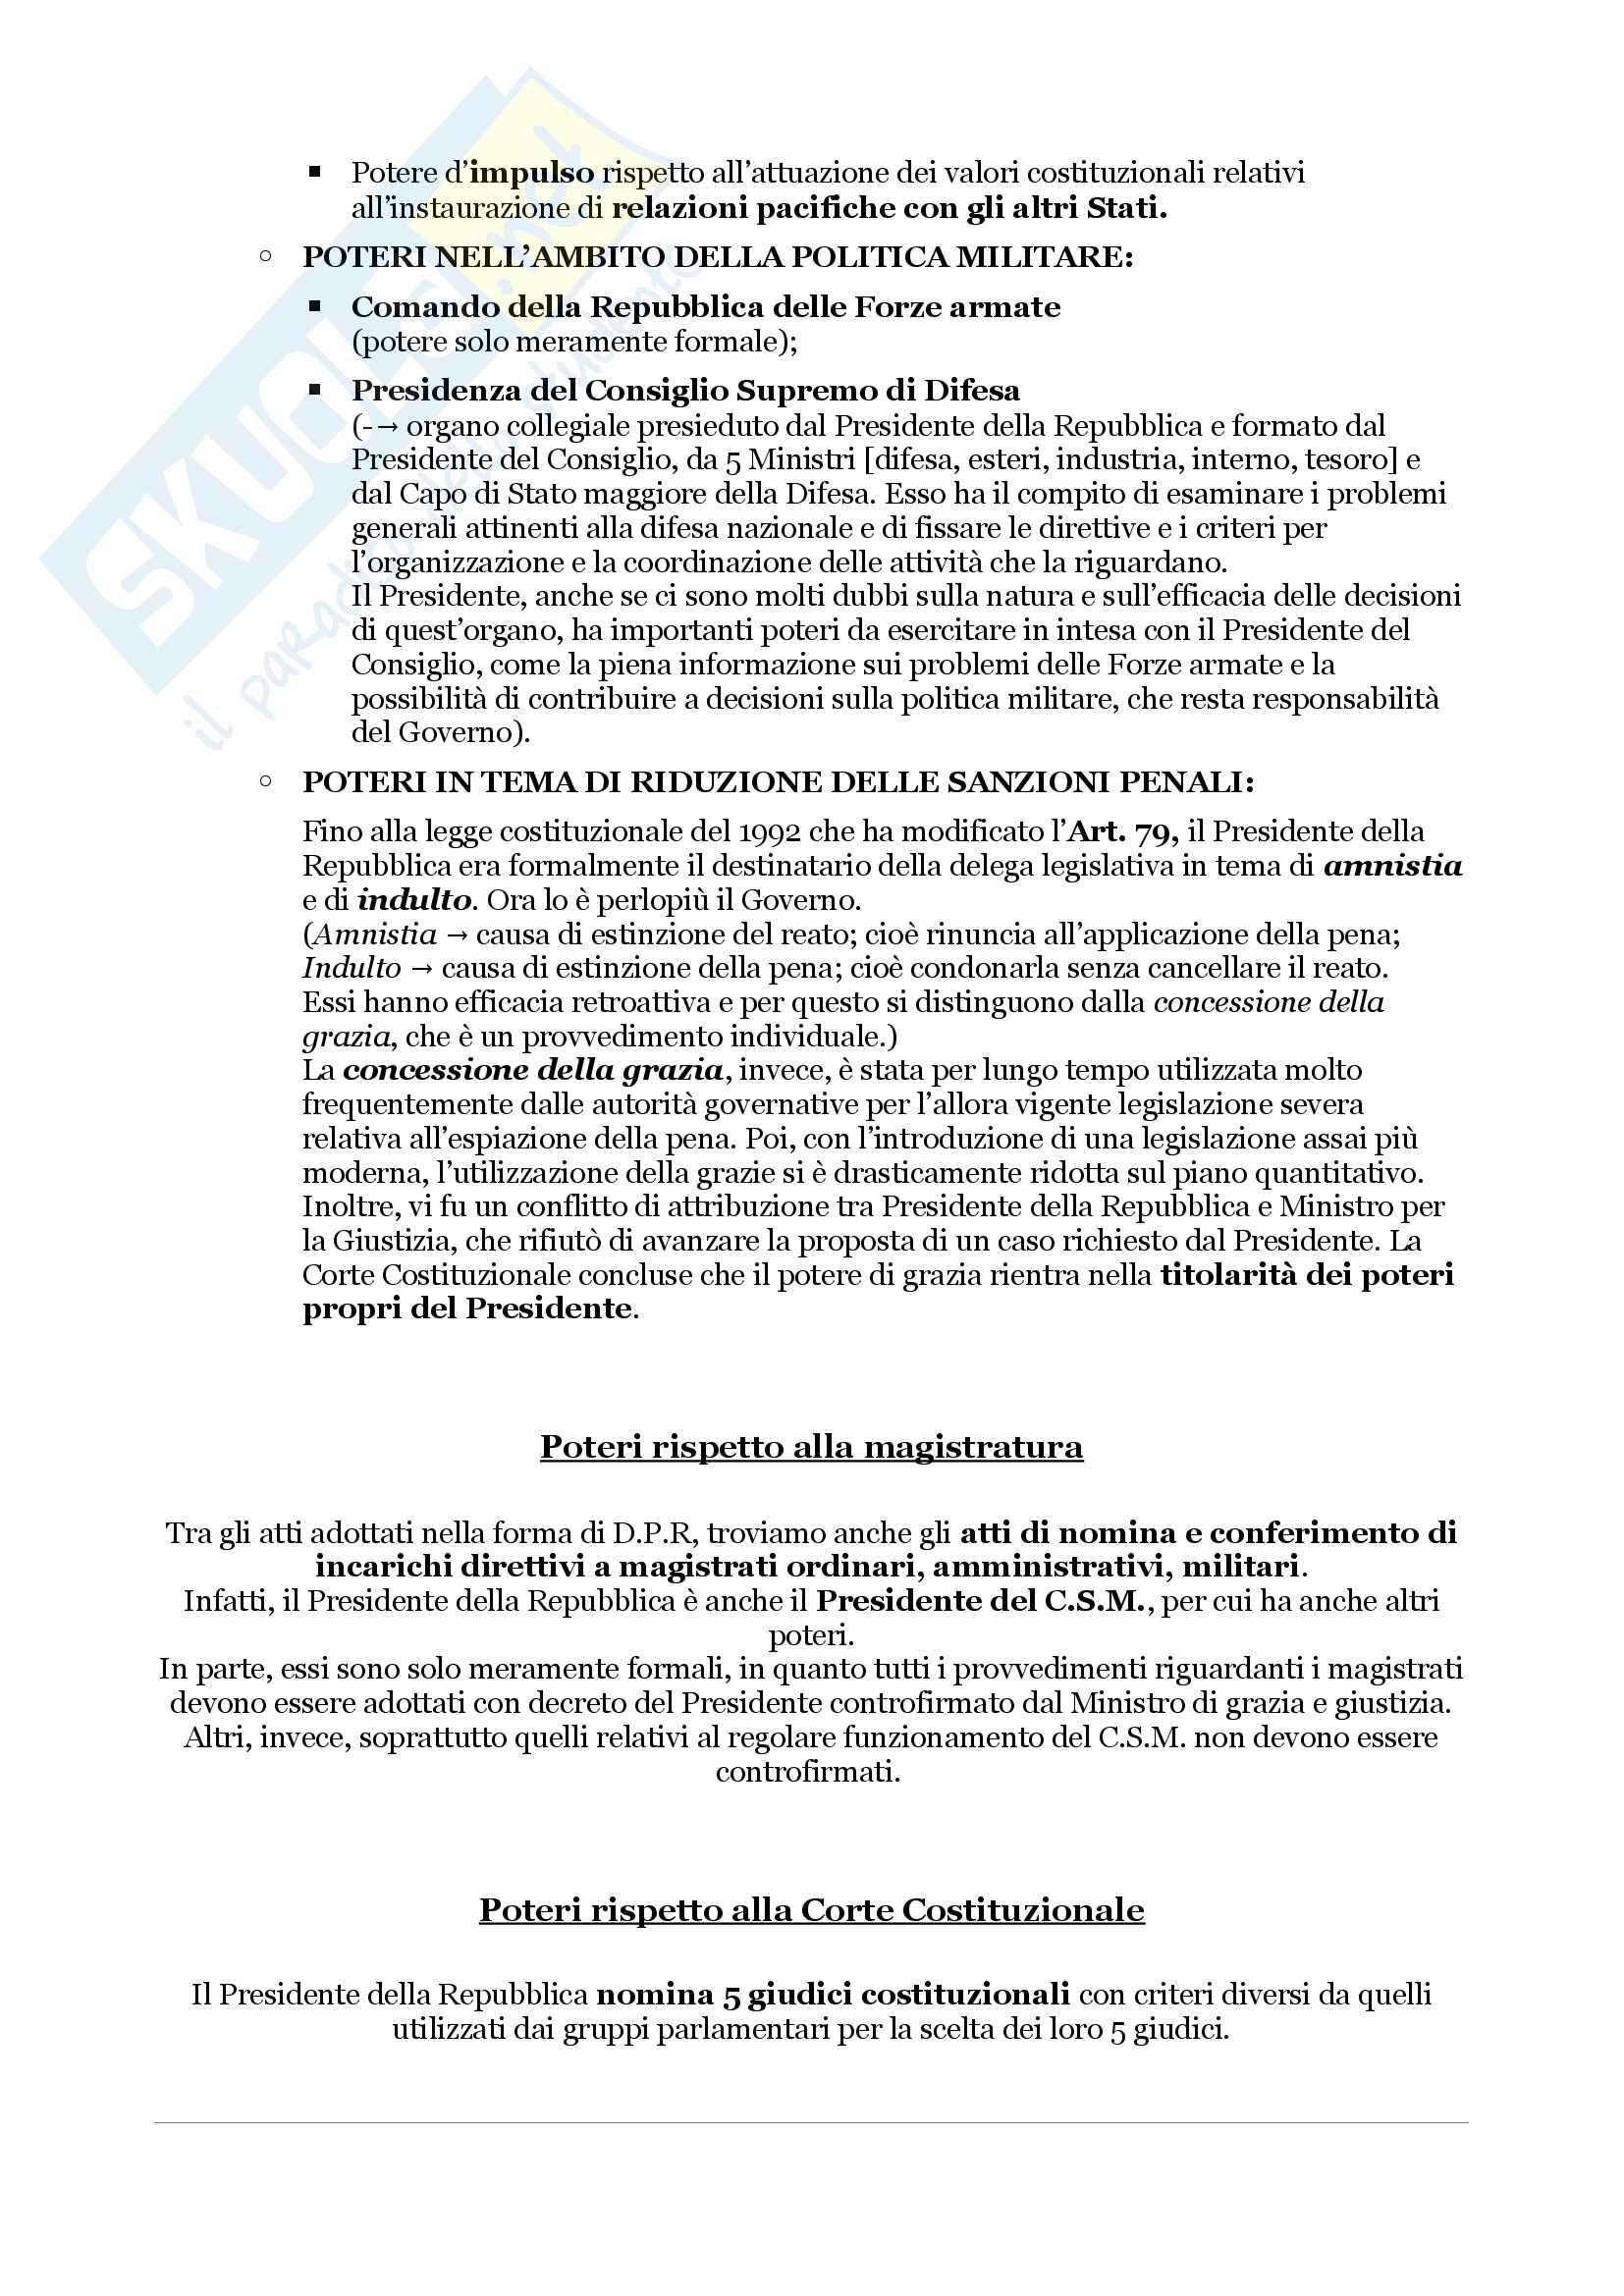 Schemi riassuntivi di istituzioni di diritto pubblico (libro di riferimento: Diritto costituzionale e pubblico, Carretti, De Siervo) Pag. 31